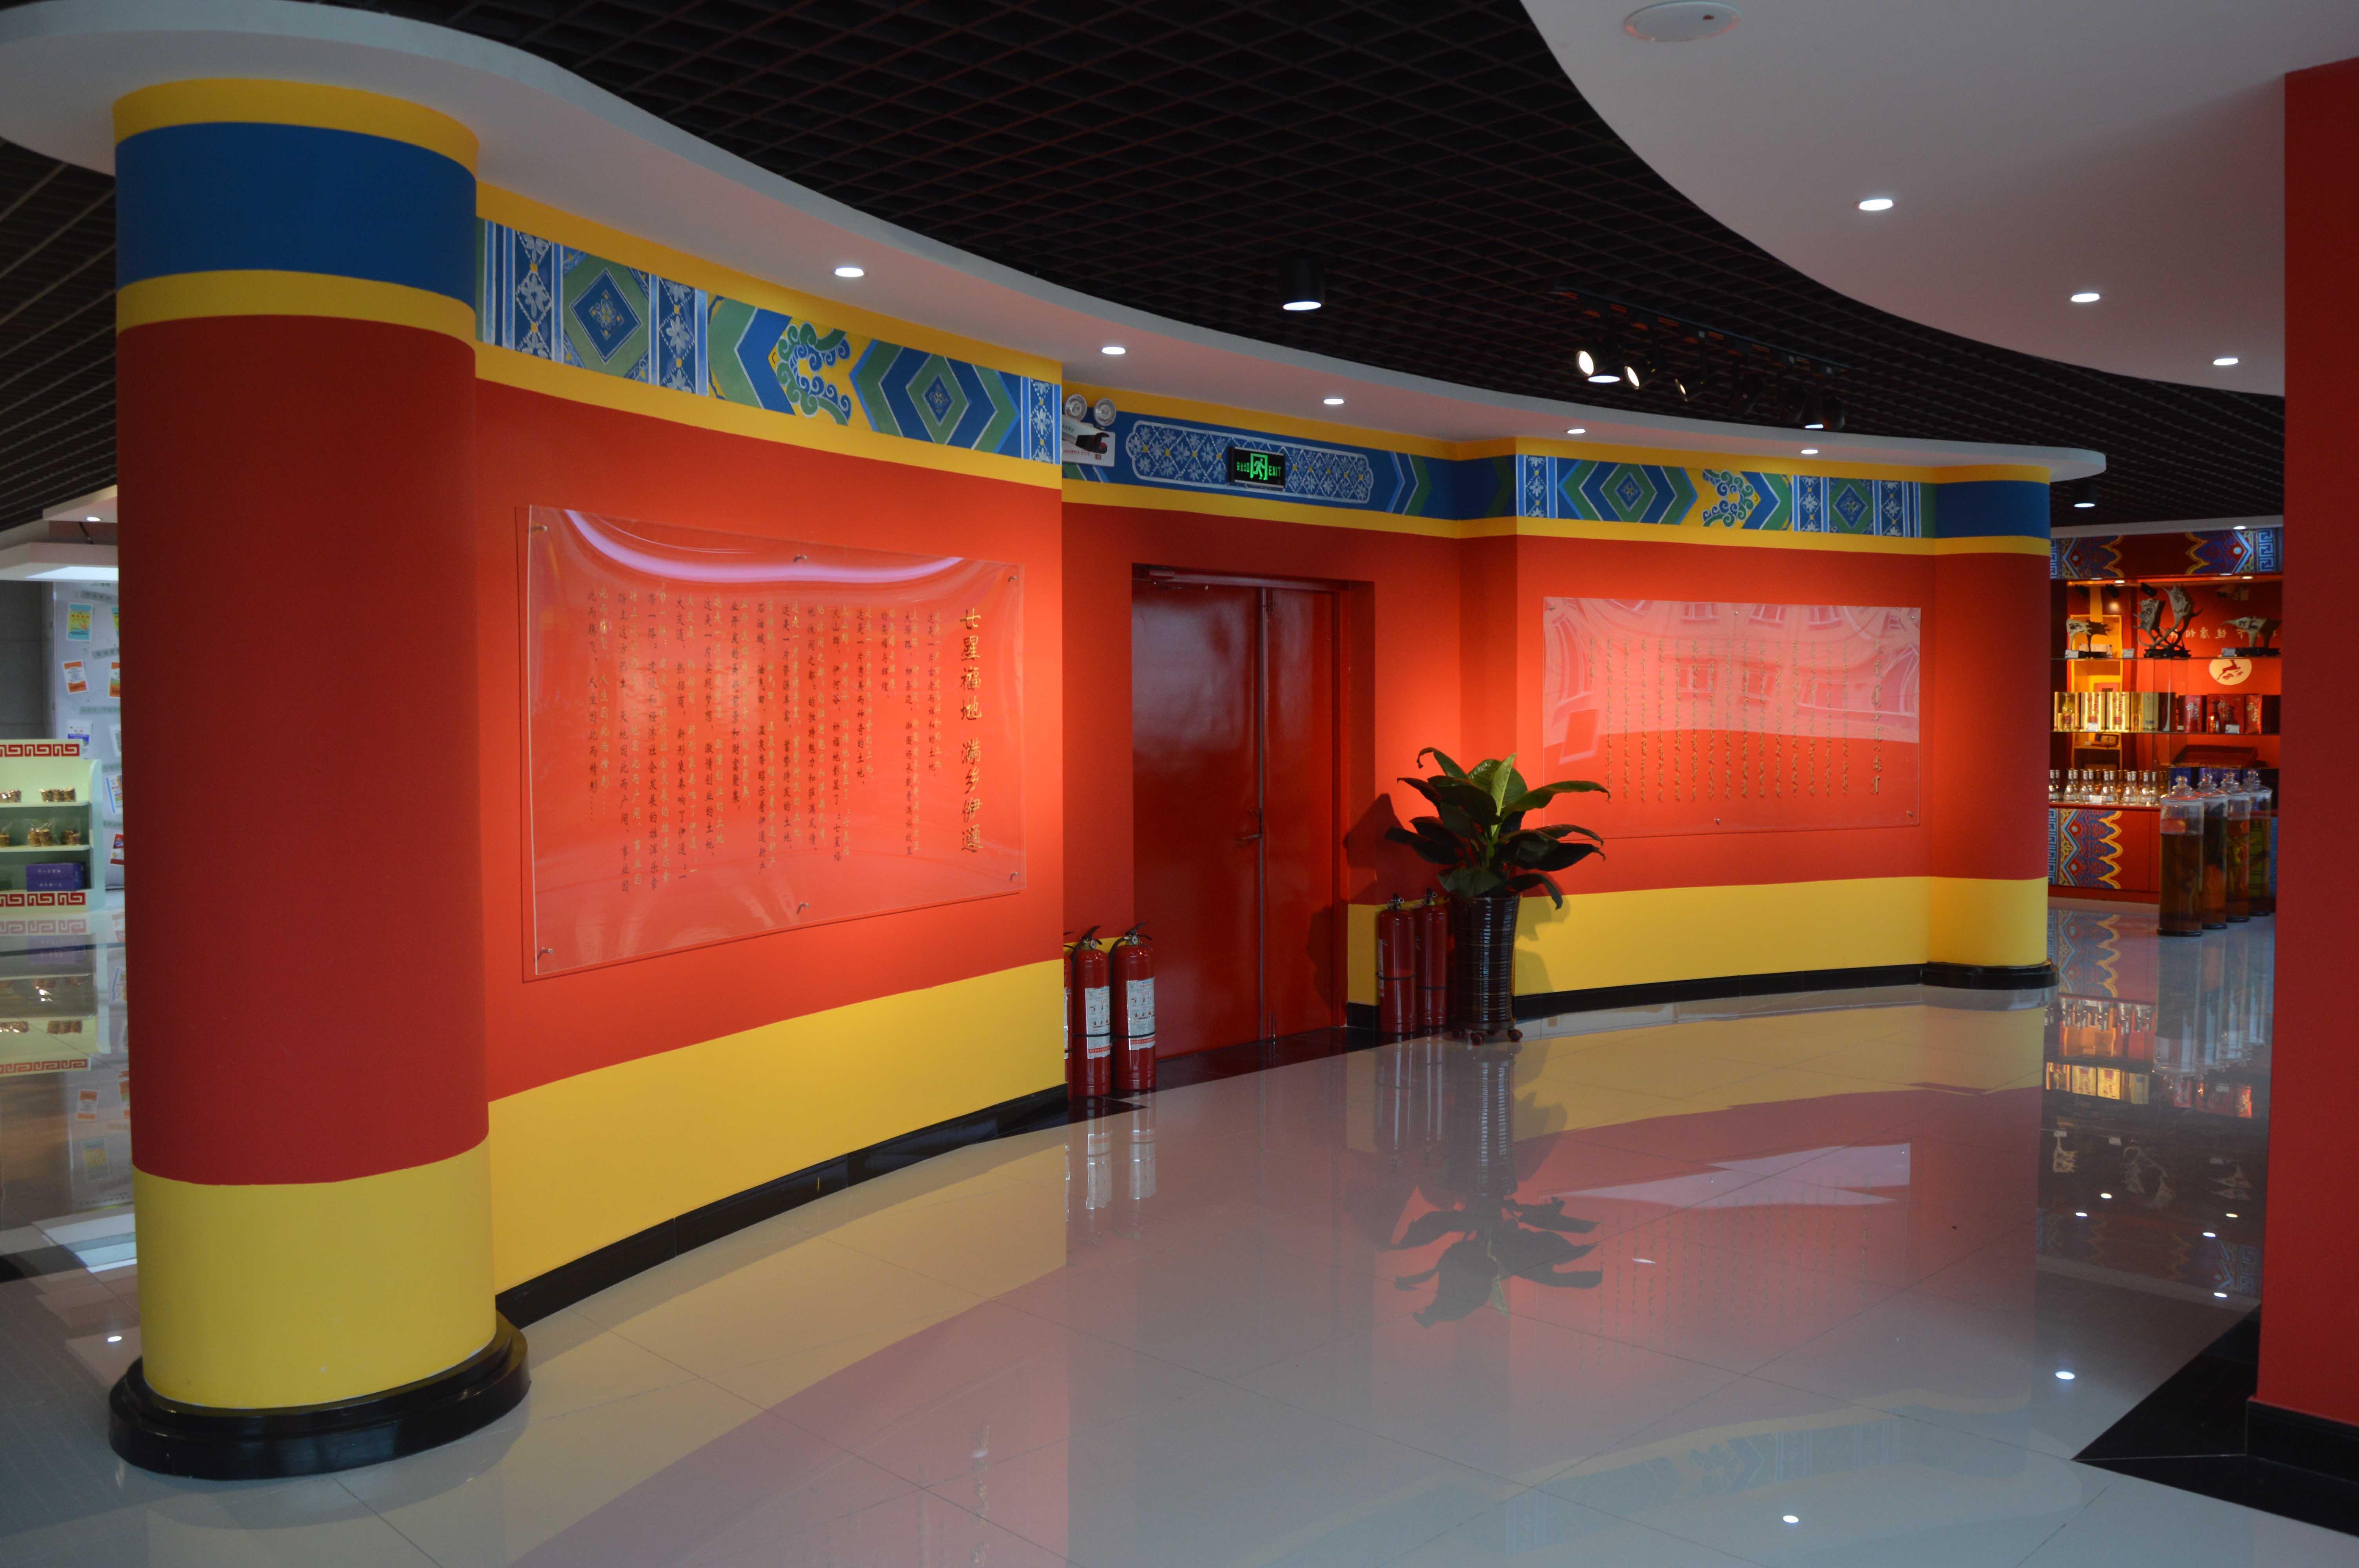 电商大厦办公楼照片3.jpg